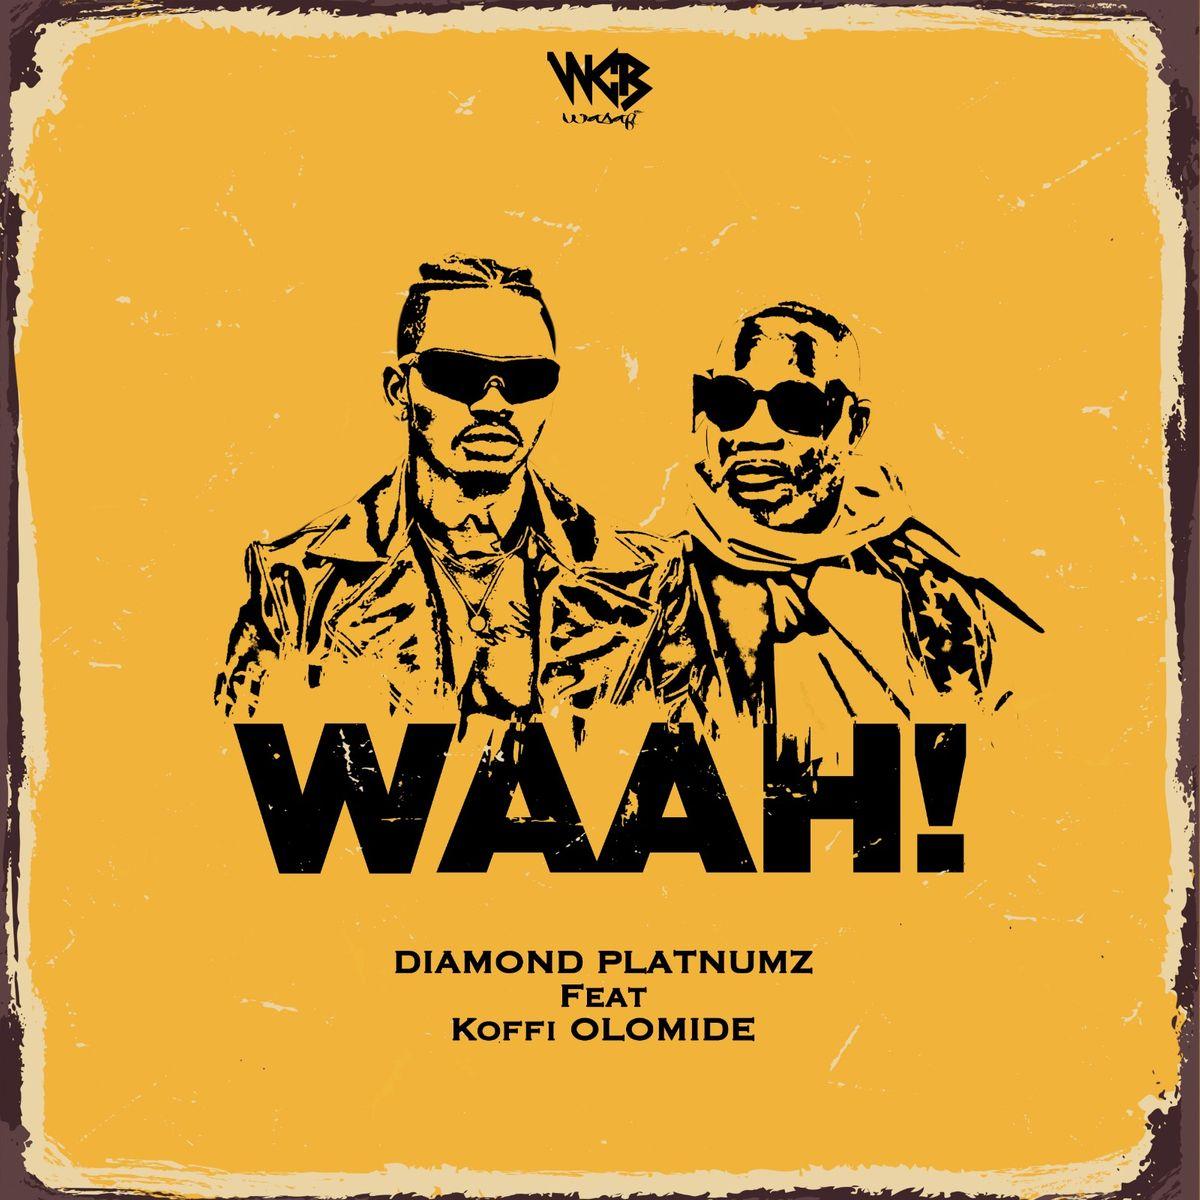 Diamond Platnumz ft. Koffi Olomide - Waah!